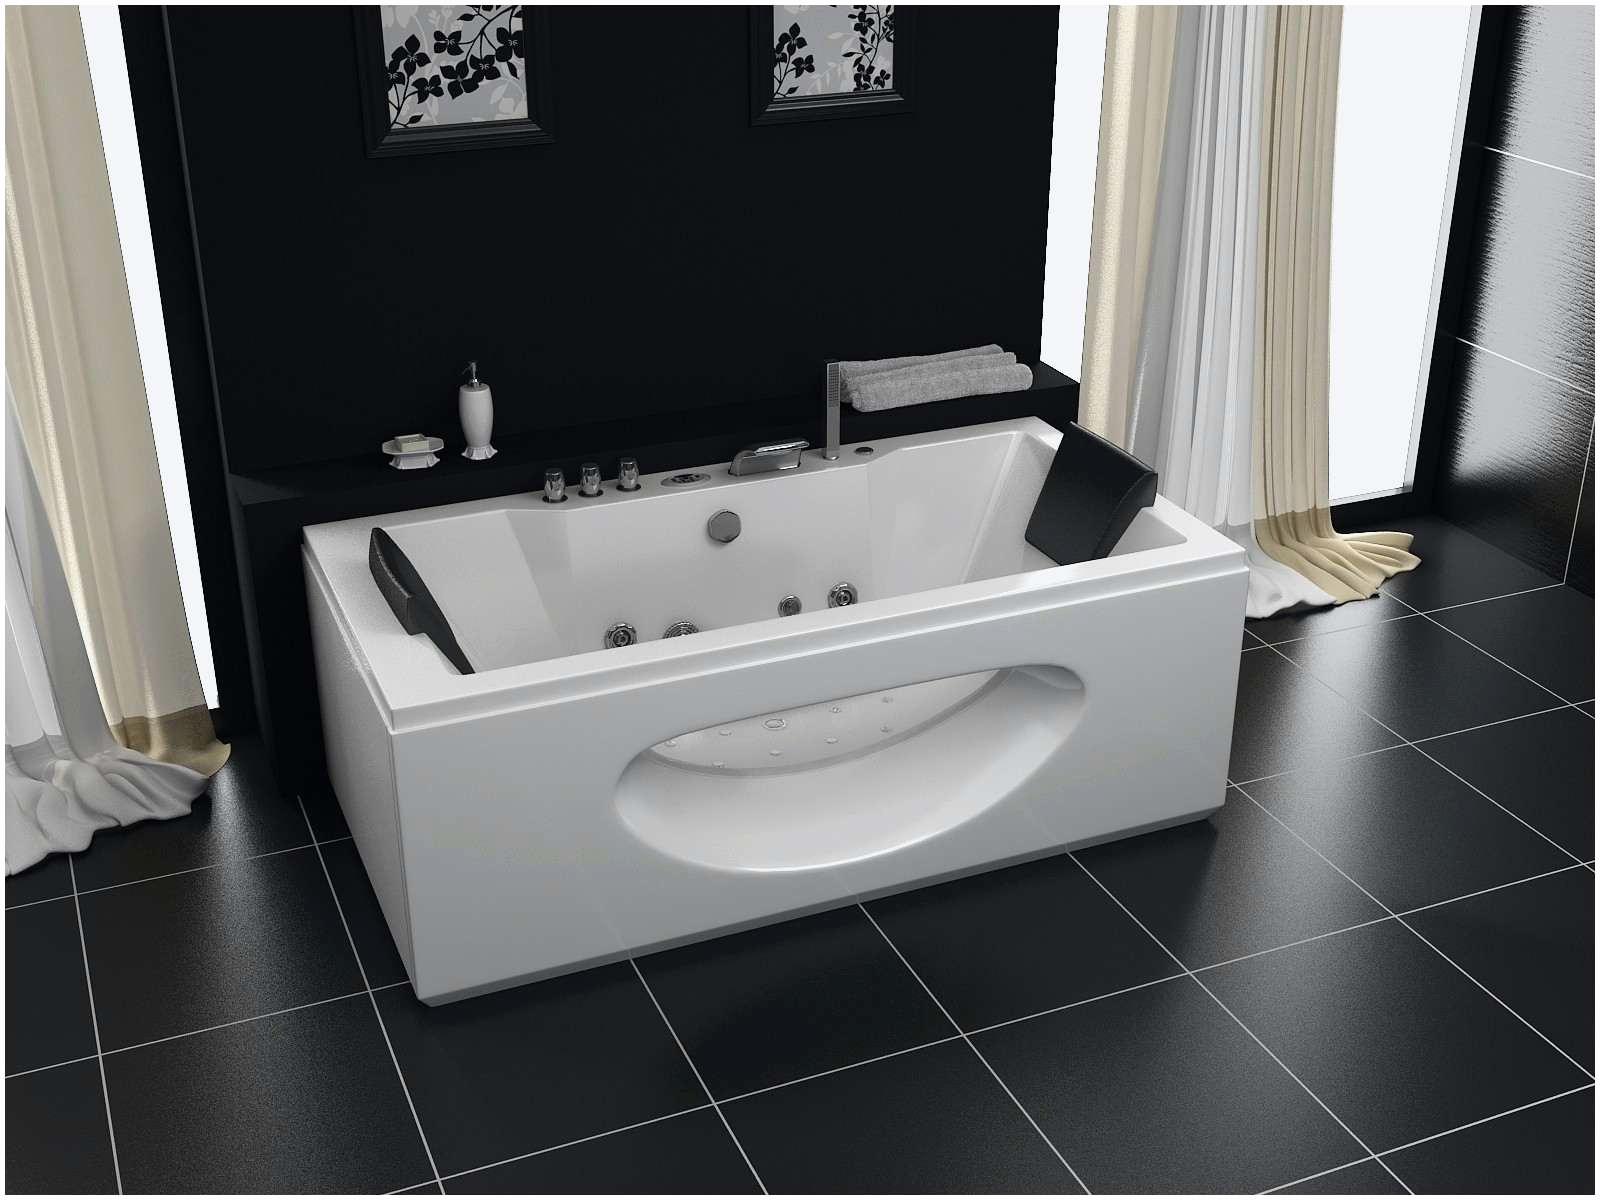 baignoire ilot brico depot elegant beau tablier pour baignoire baln o d angle lagune salle de bains of baignoire ilot brico depot